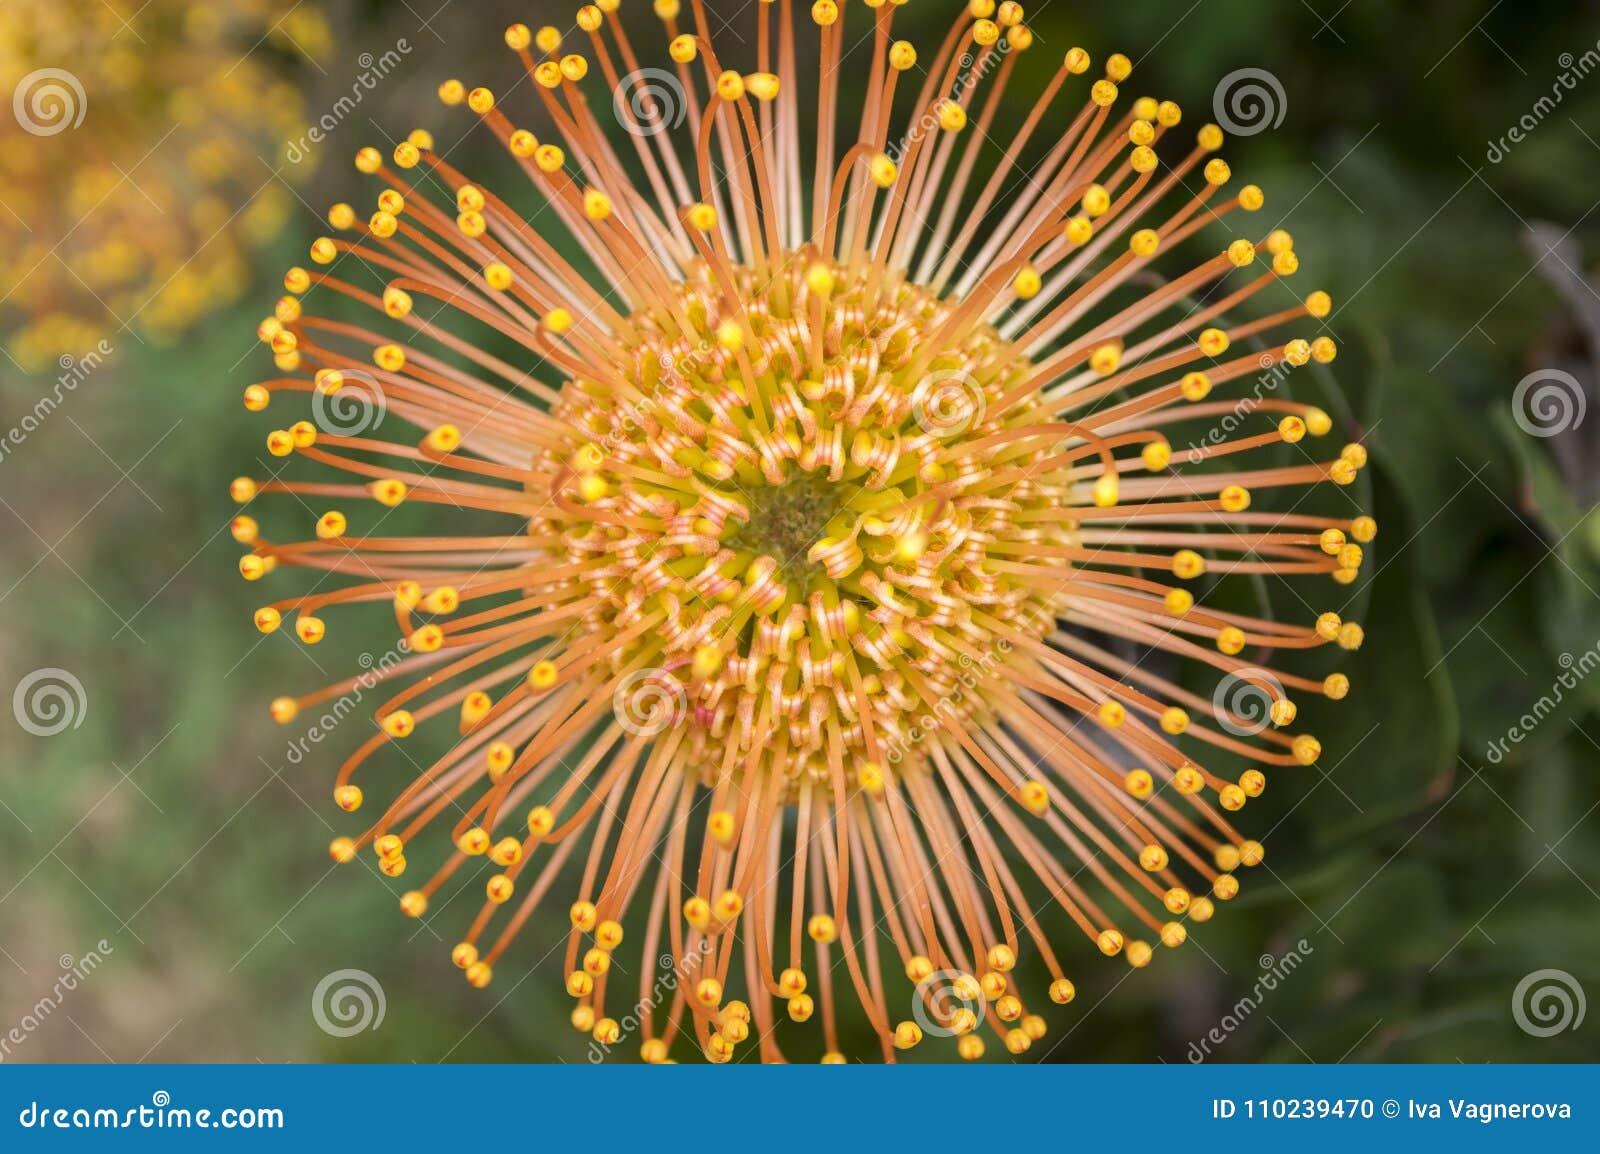 Leucospermum Condifolium Wonderful Orange Yellow Flowers In Bloom